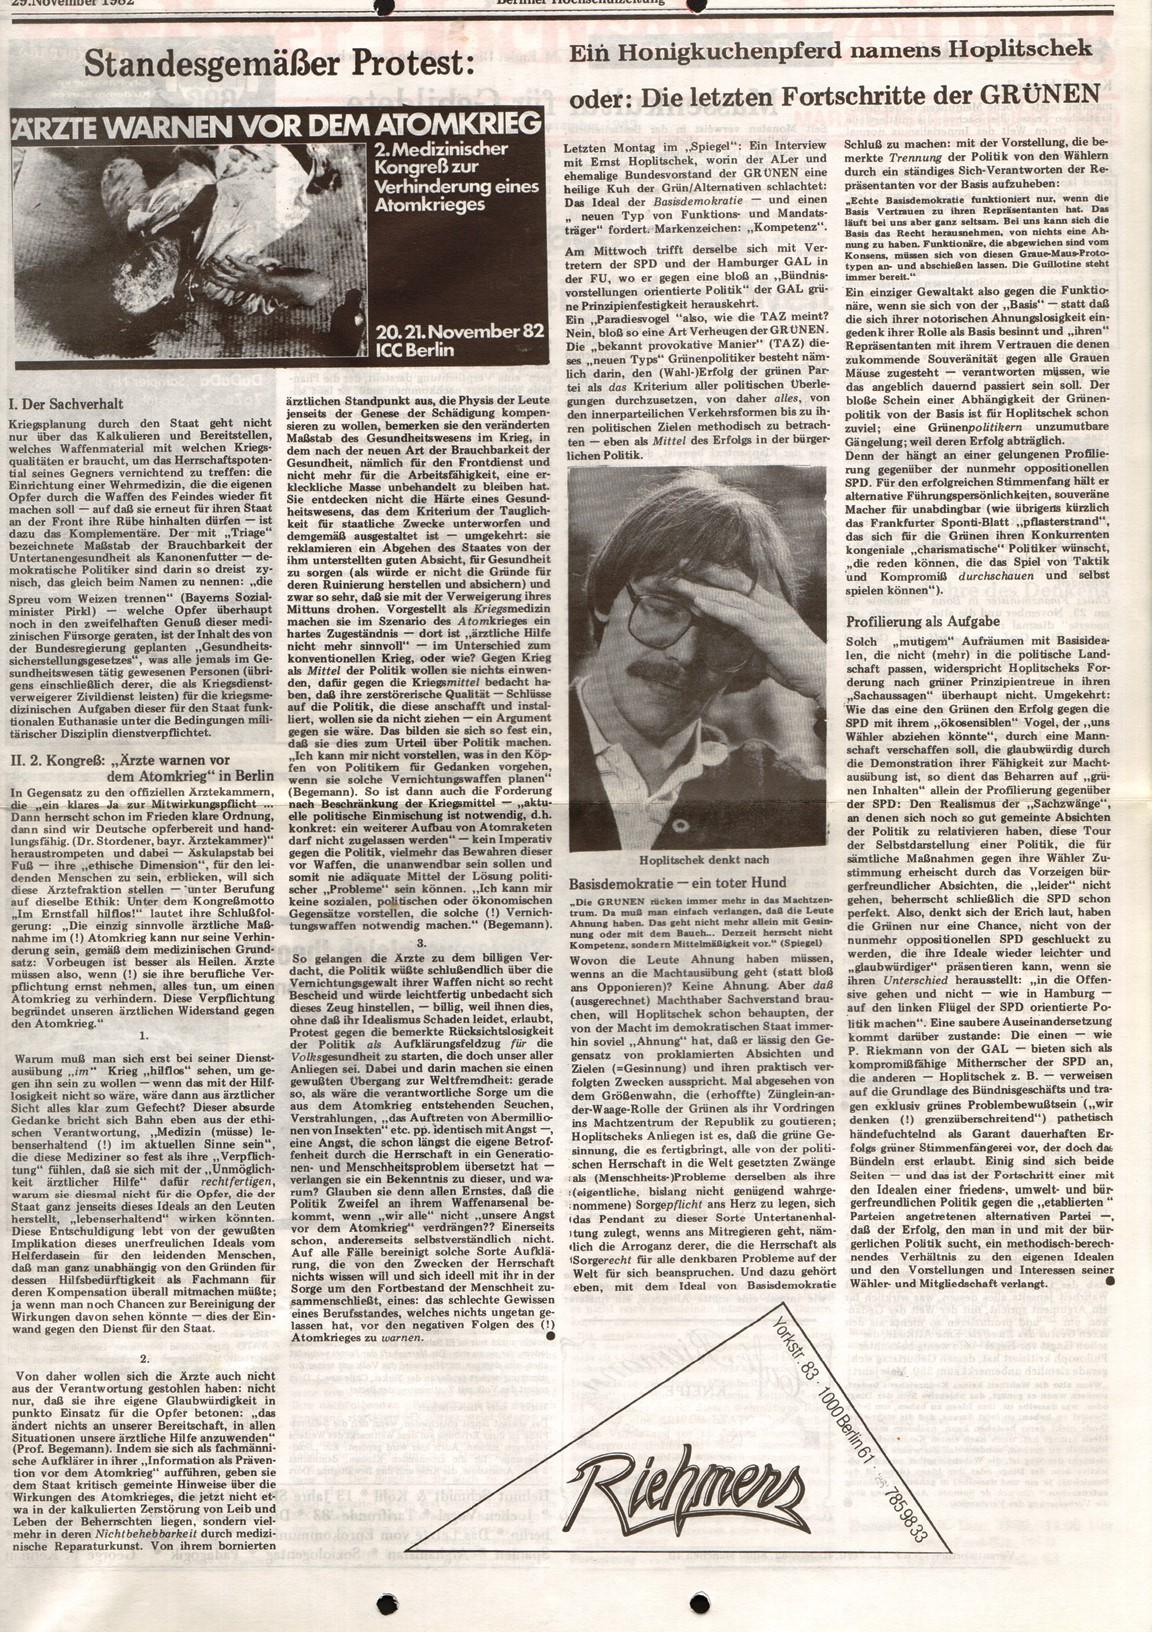 Berlin_MG_Hochschulzeitung_19821129_05